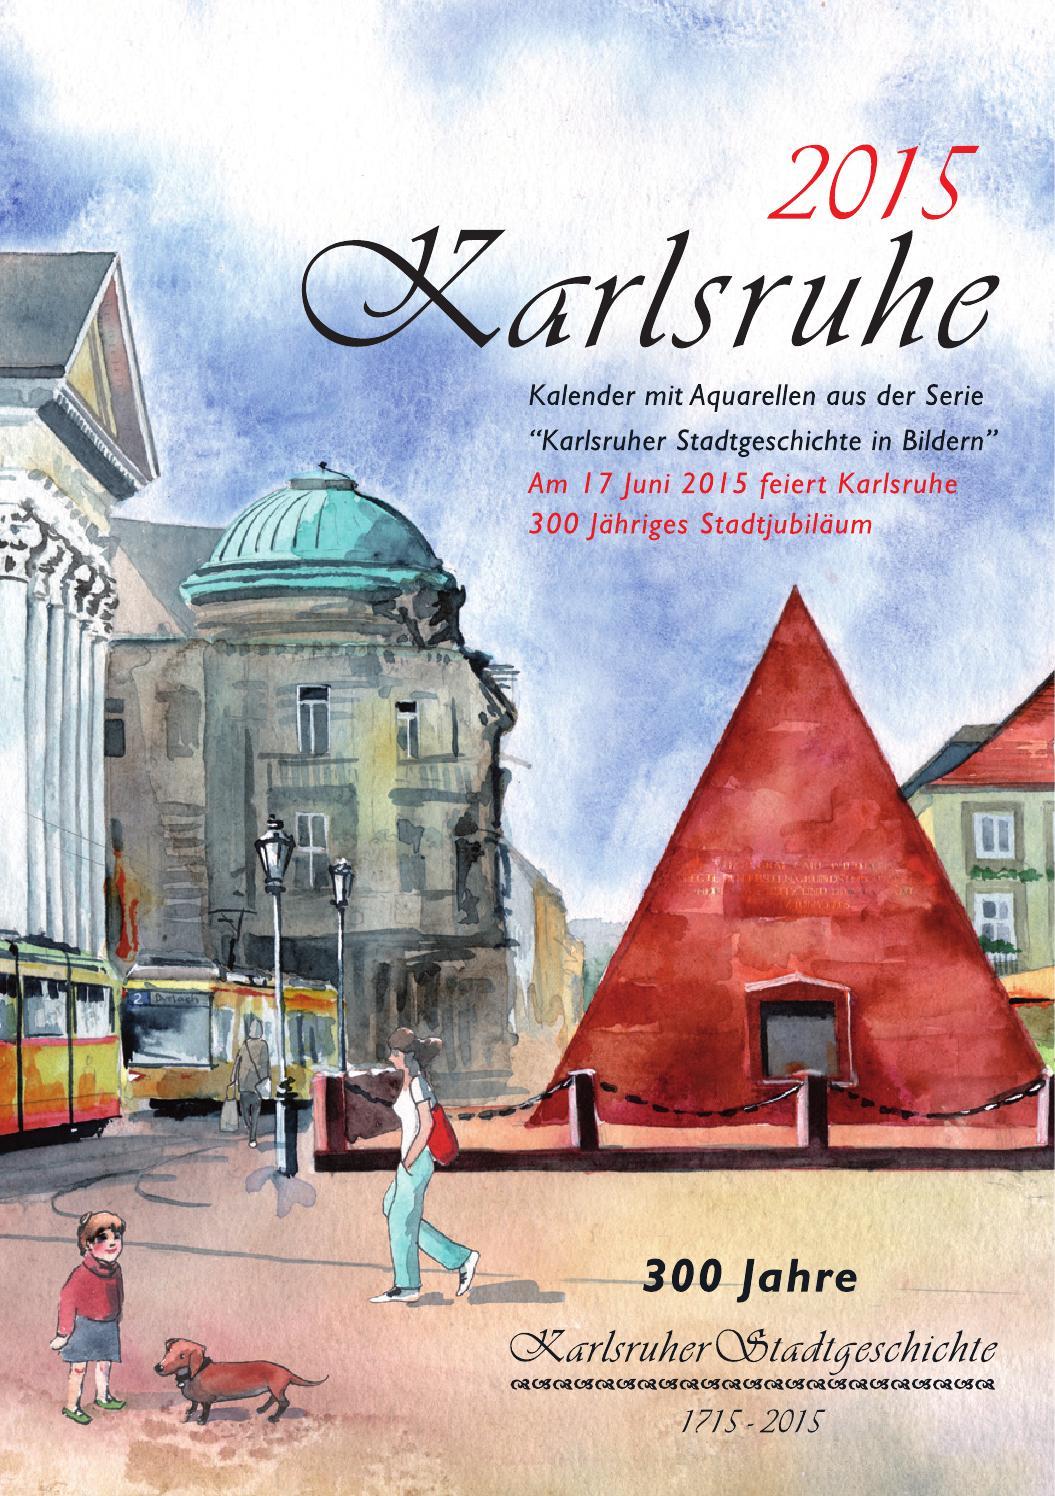 Karlsruhe Kalender